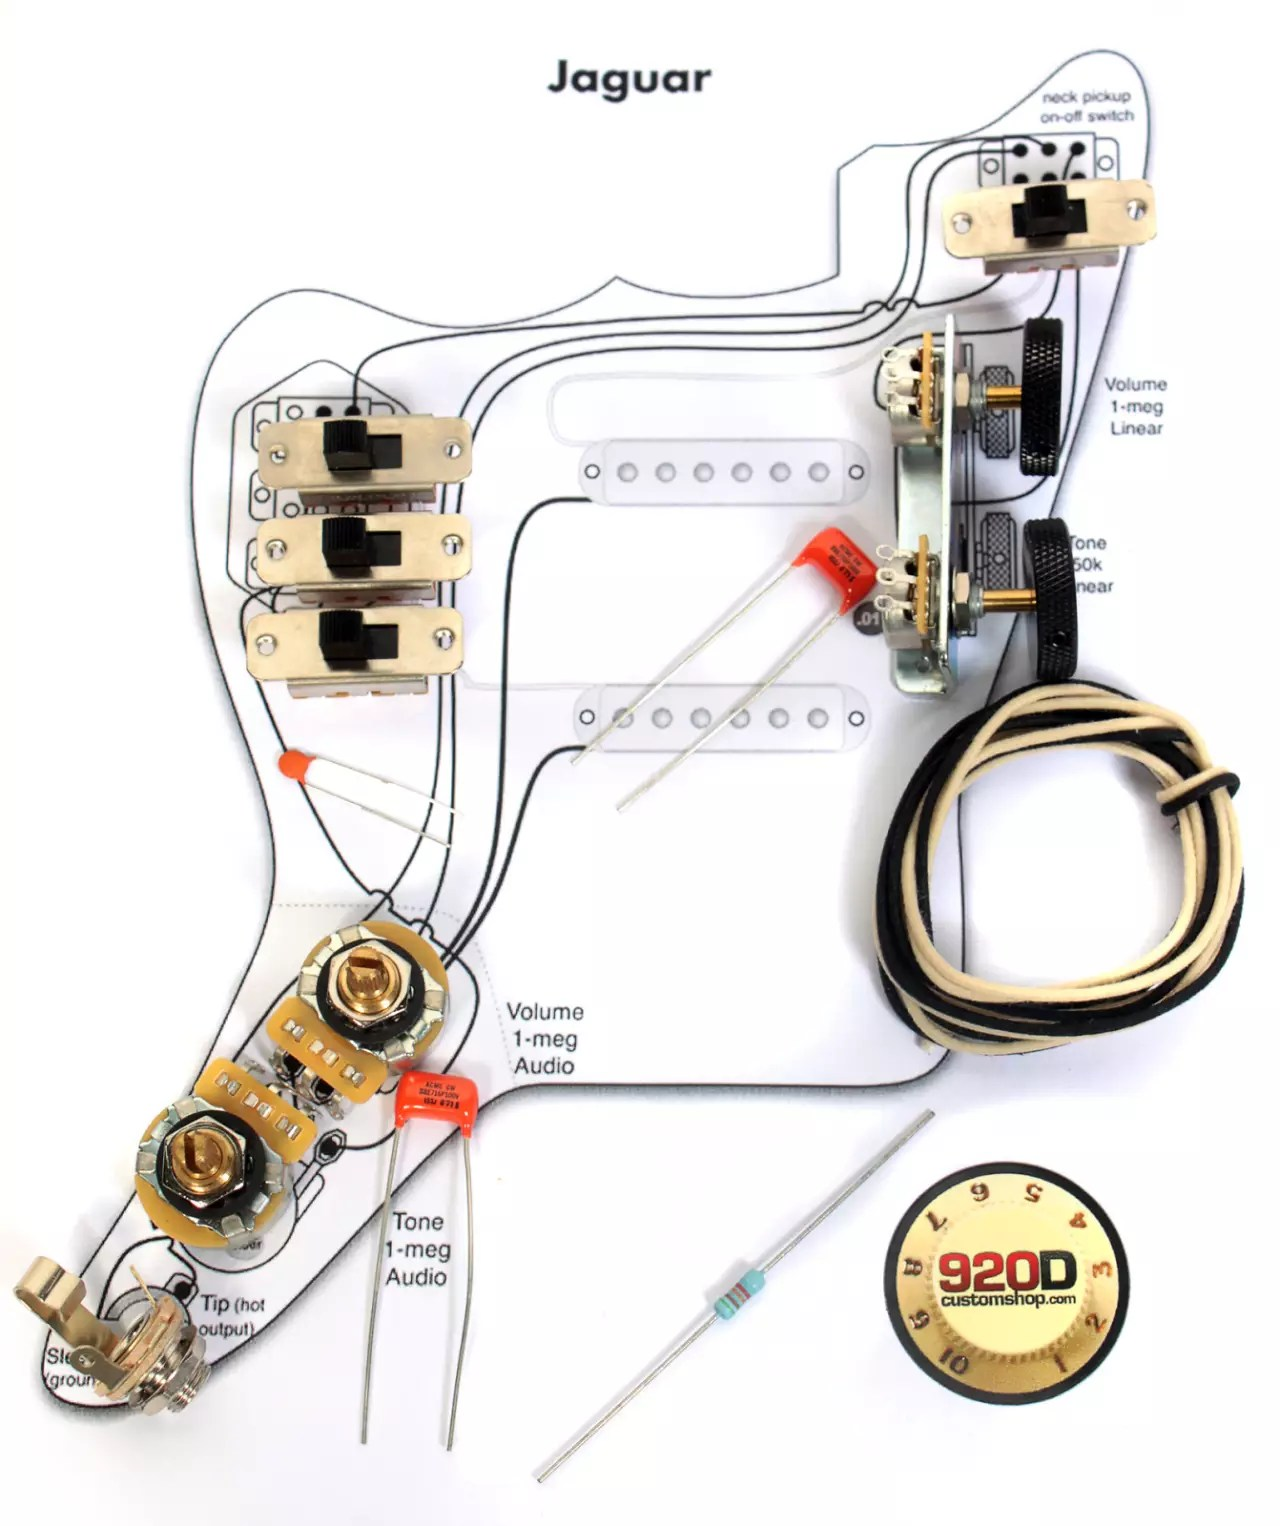 fender jaguar wiring diagram switch vintage 3962 kit pots slider